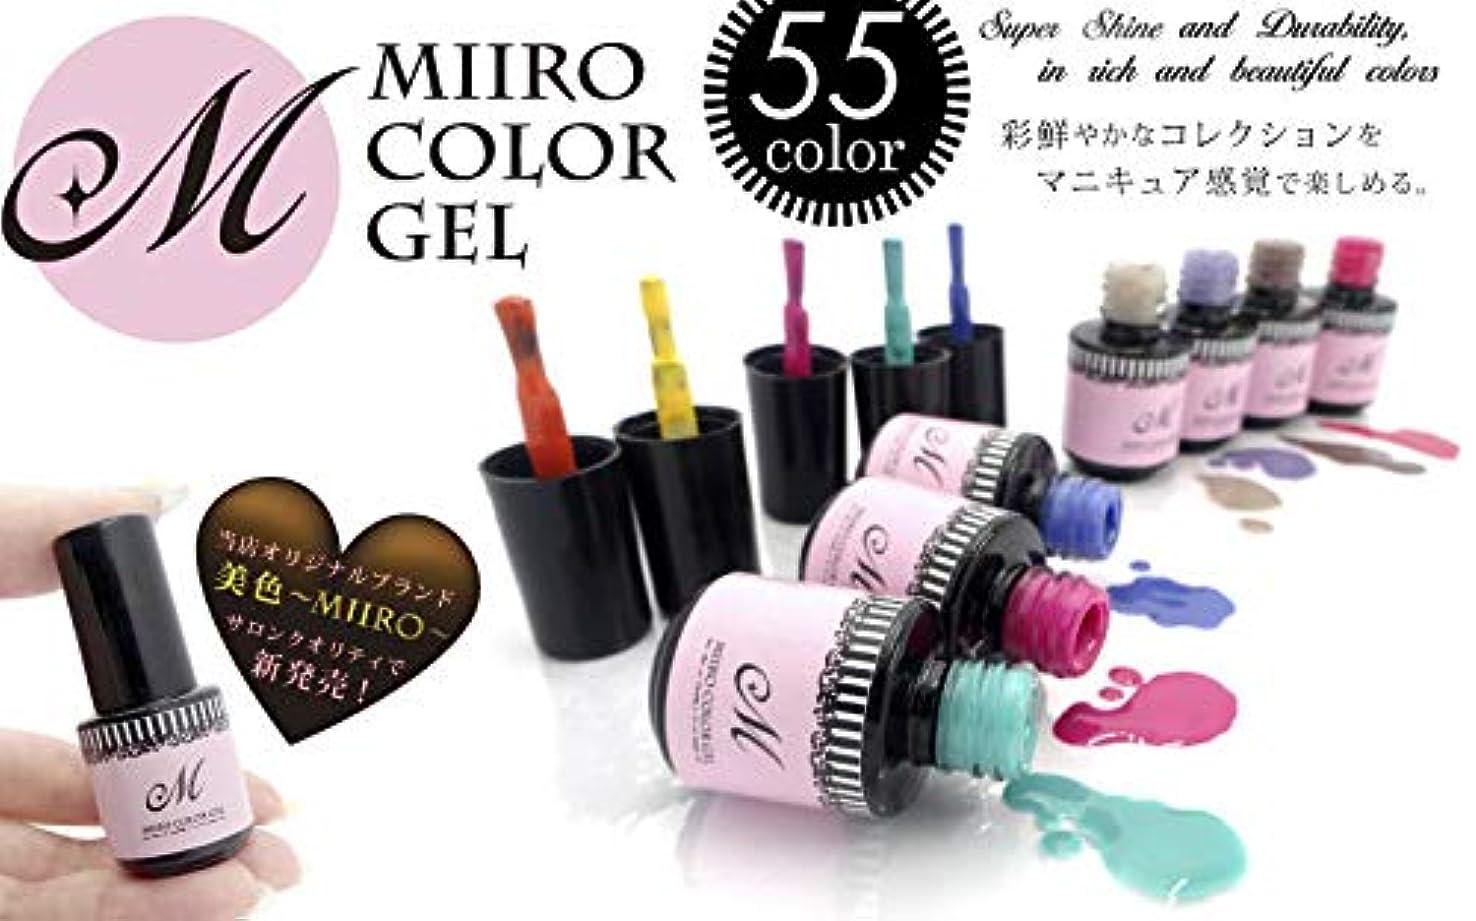 租界チャップ亜熱帯ジェルネイル カラー 美色Miiro (14.ヌーディピンク(V103))